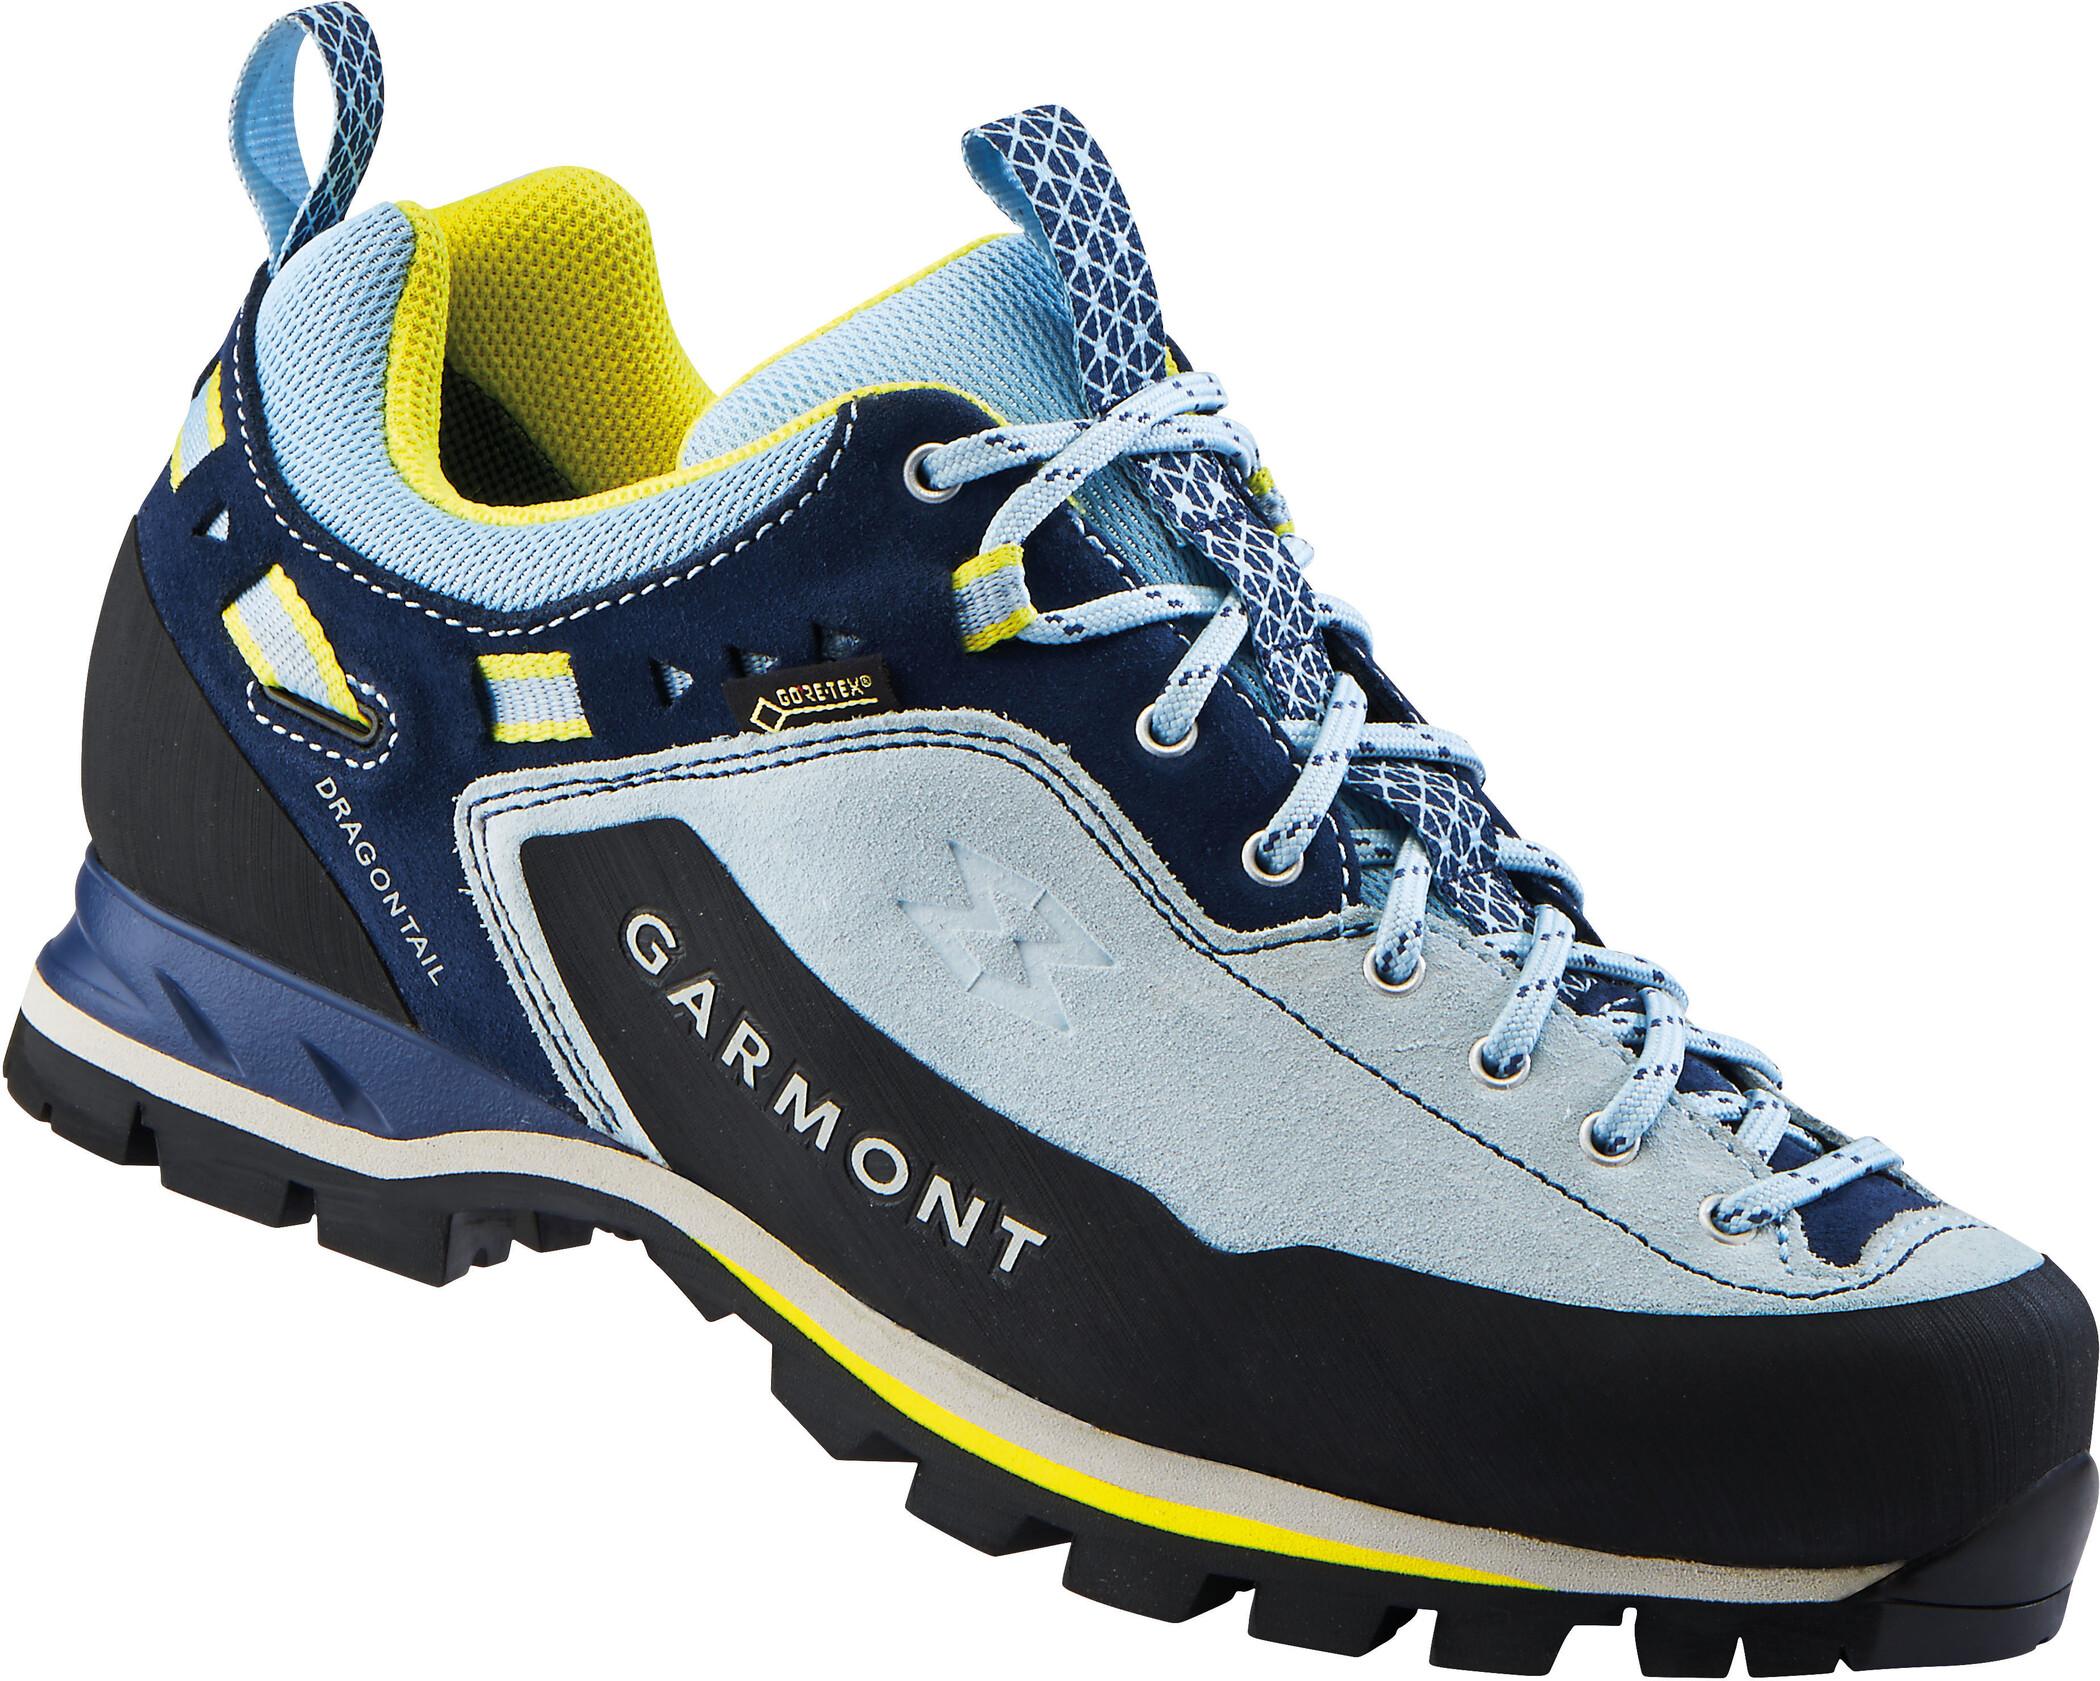 Garmont Sticky Cloud GTX WMS Damen Wanderschuhe Damen blau Schuhe Outdoor